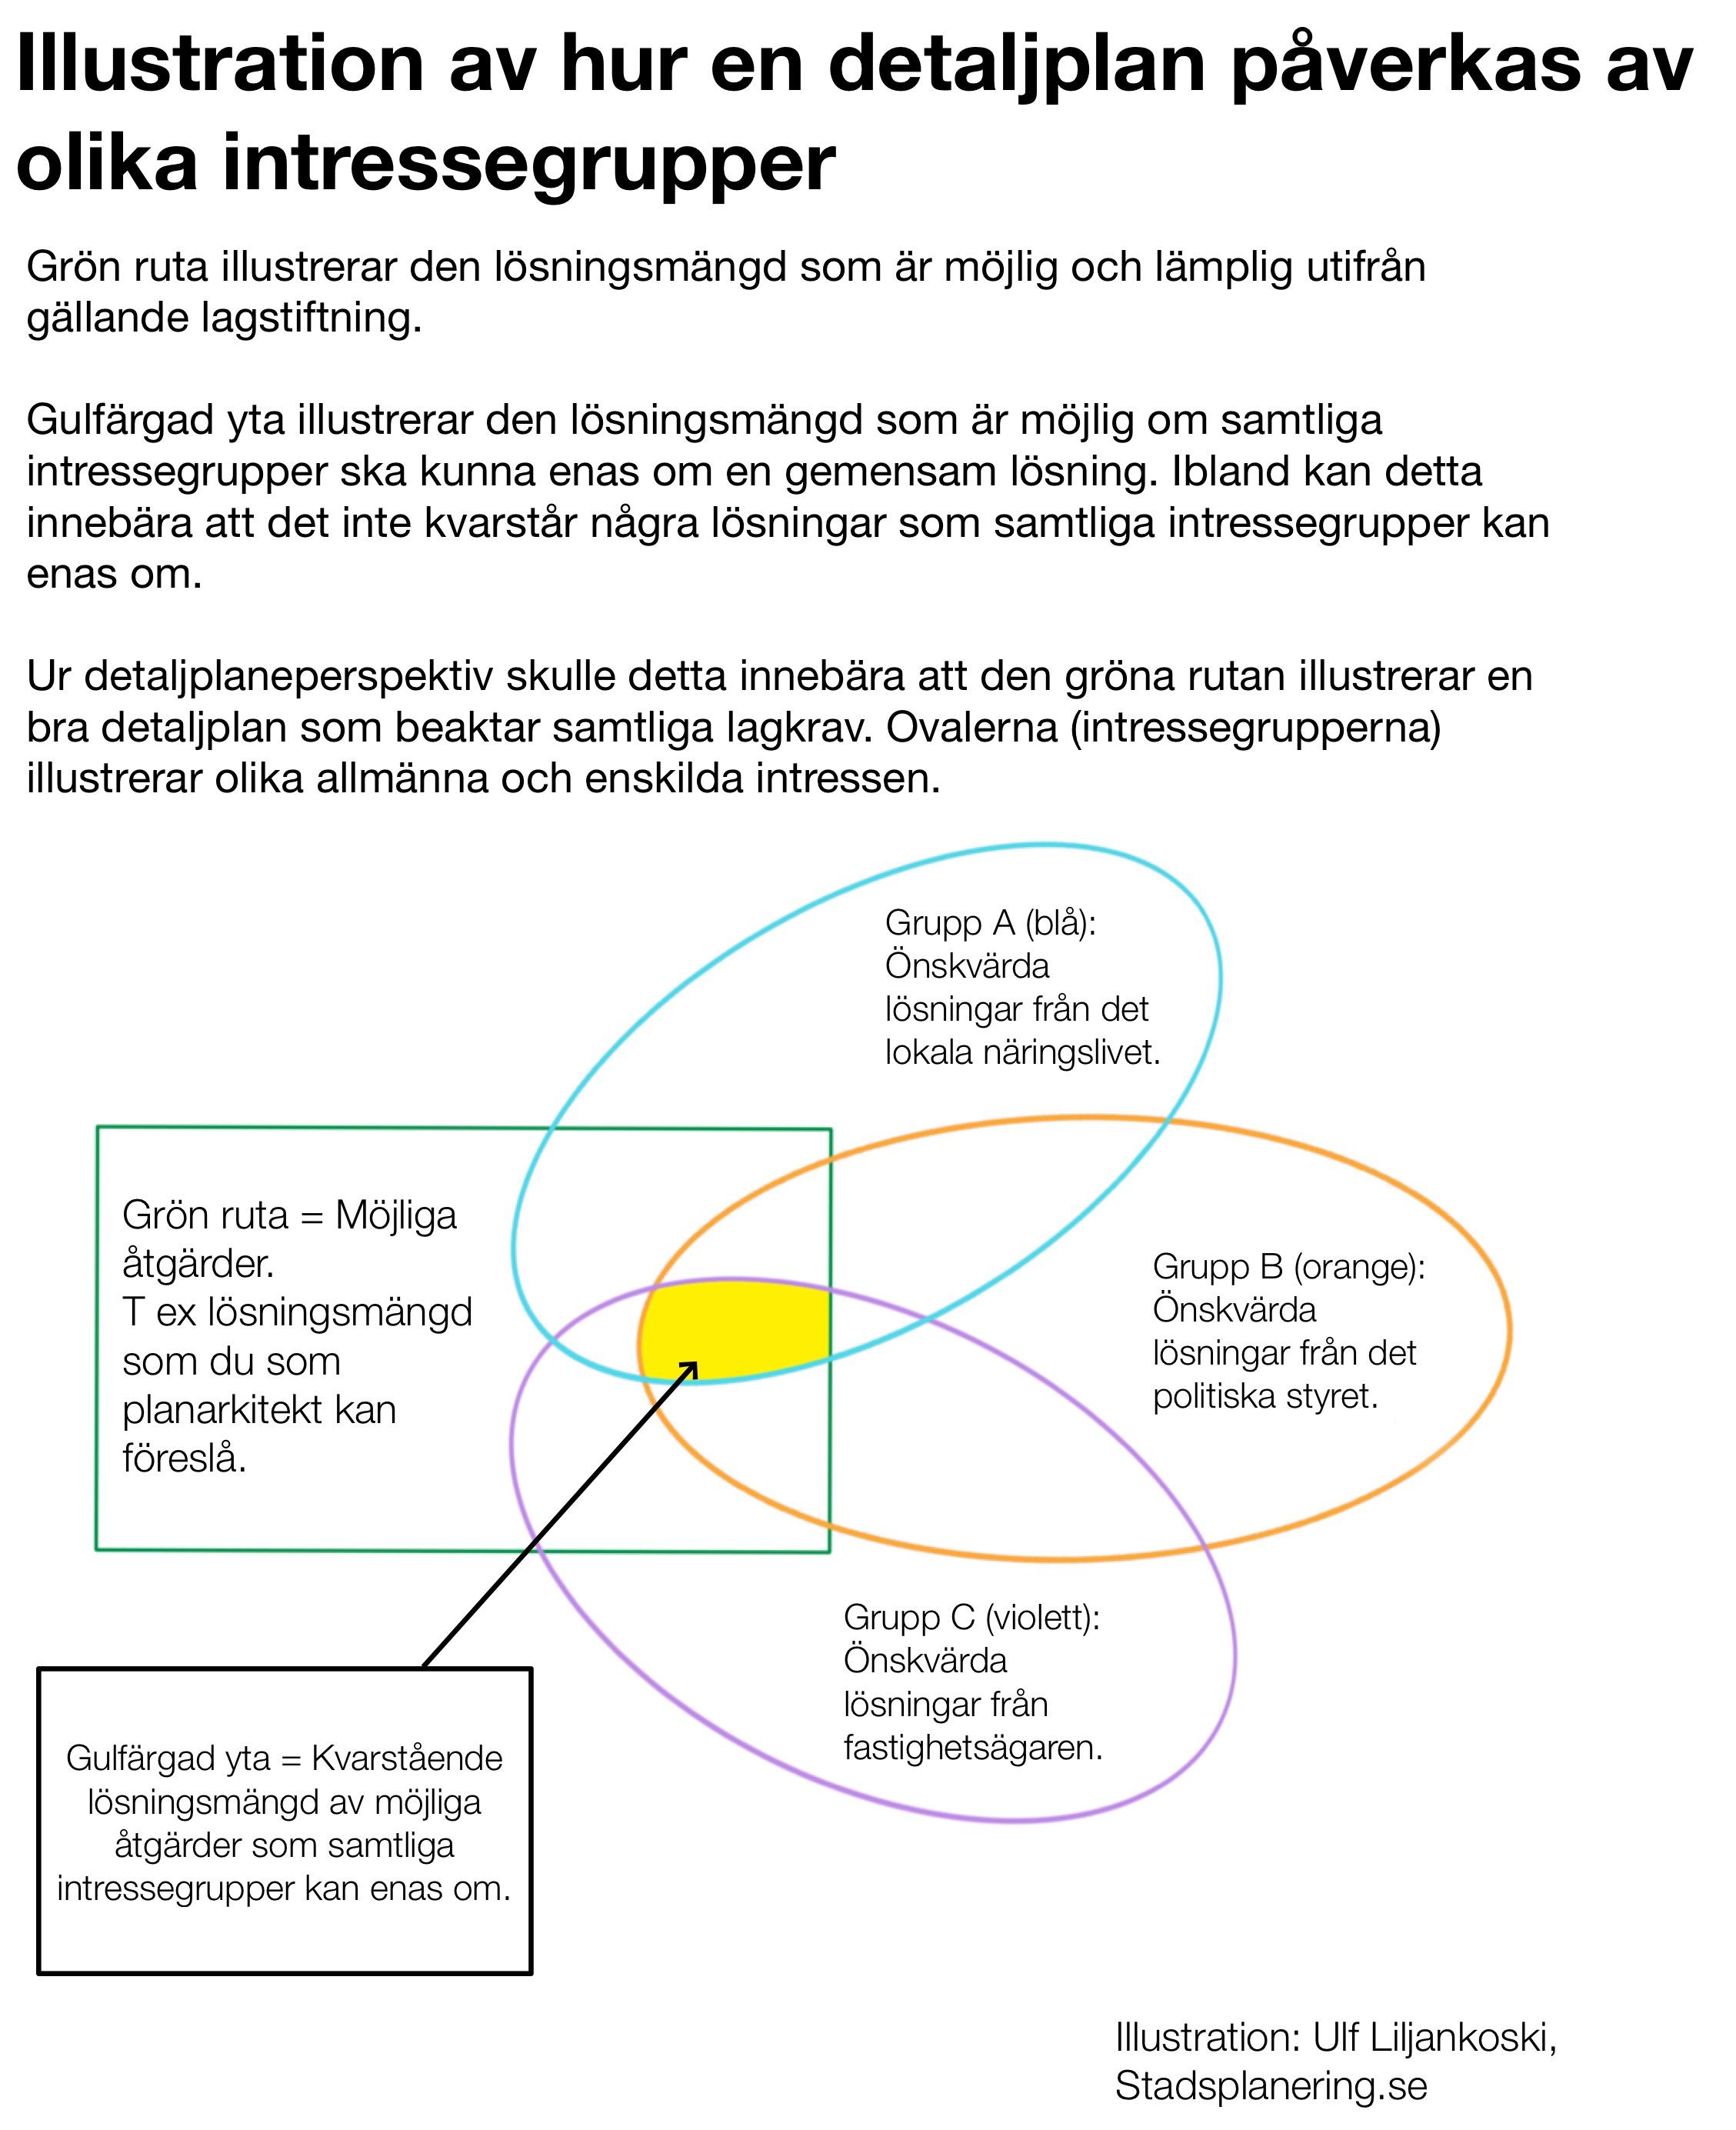 Illustration av hur en detaljplan påverkas av olika intressegrupper